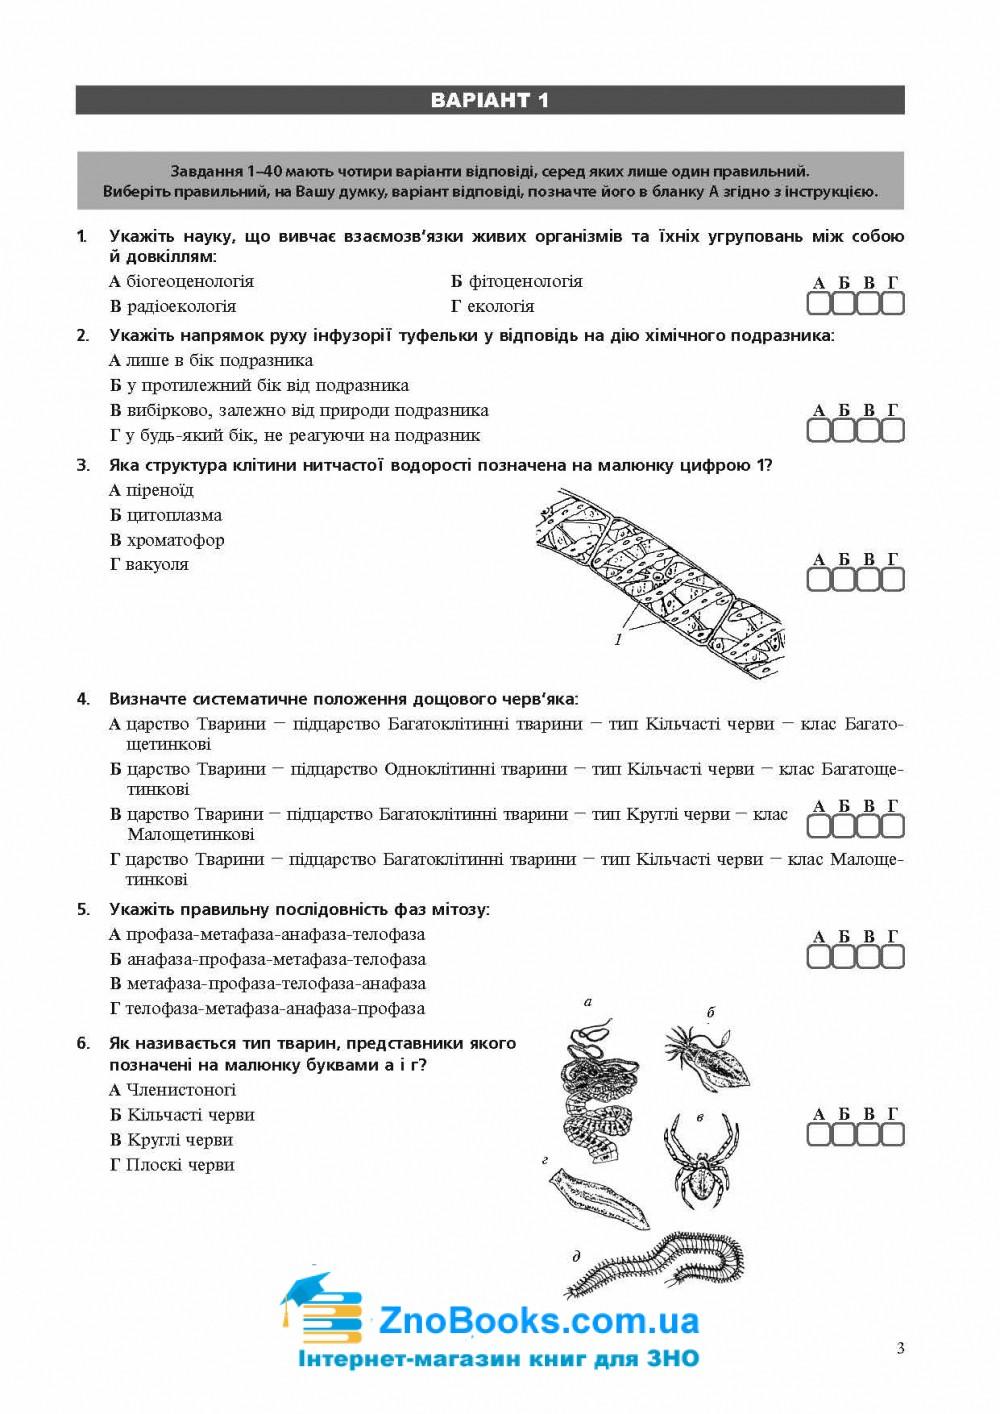 ЗНО-2018 Біологія. Тестові завдання. Авт: Олійник І. В. Вид-во: Навчальна книга - Богдан. купити 3